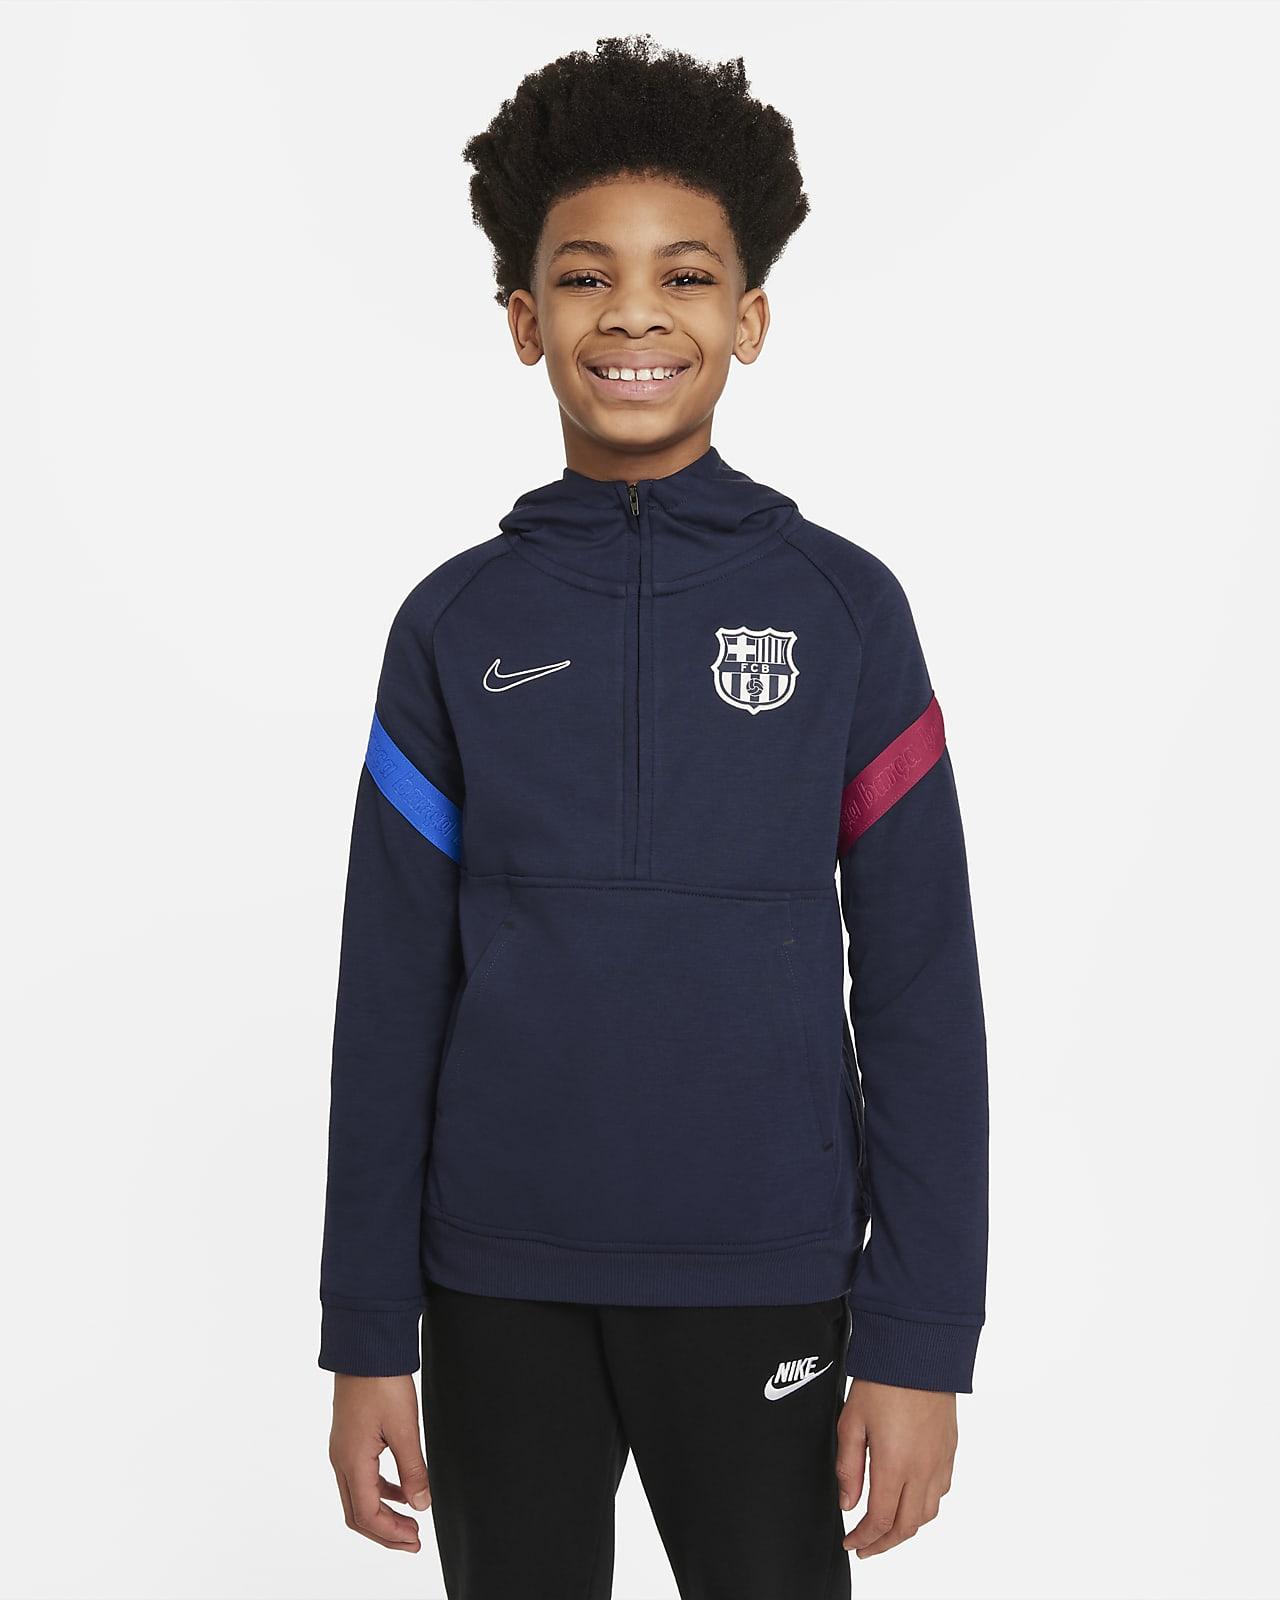 F.C. Barcelona Older Kids' Nike Dri-FIT 1/2-Zip Football Hoodie